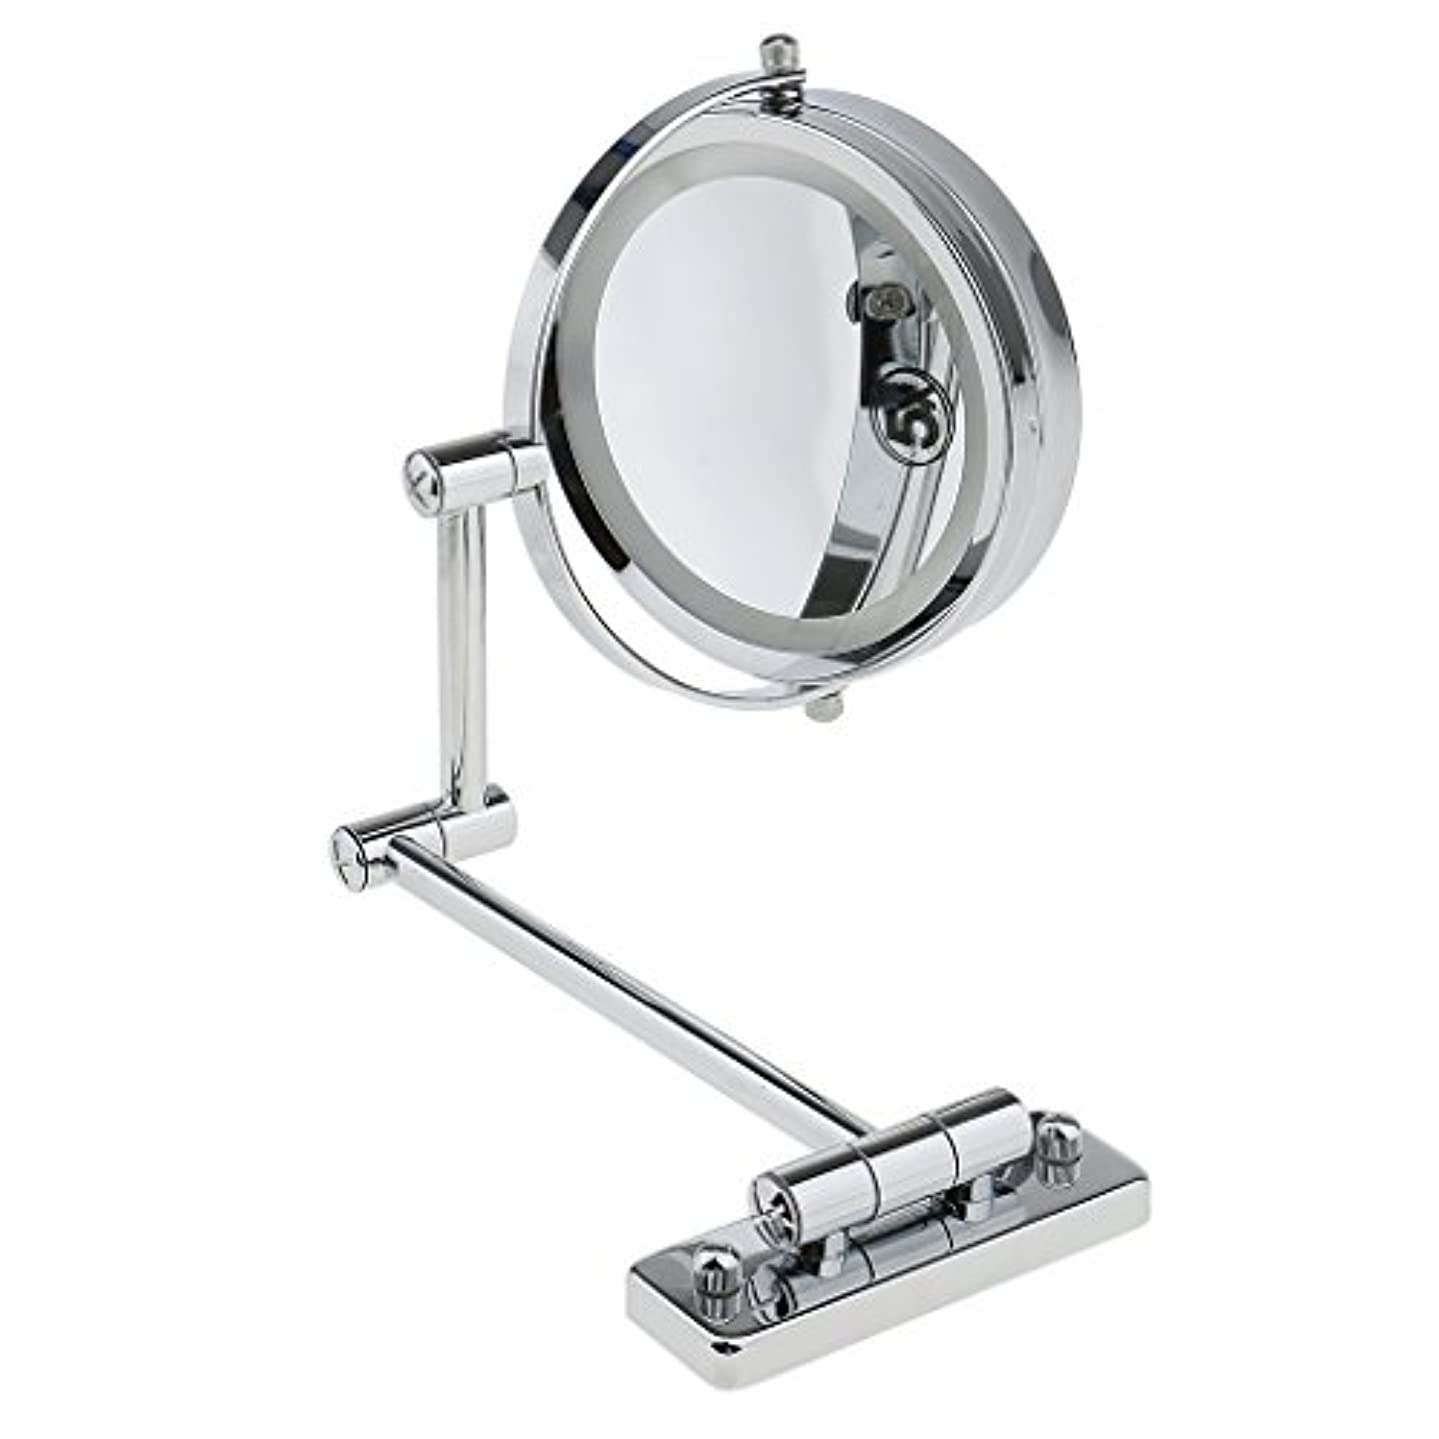 変位食用支援SMDライト 両面ミラー 壁掛け式 5倍拡大鏡 360度回転 エチケットチェック